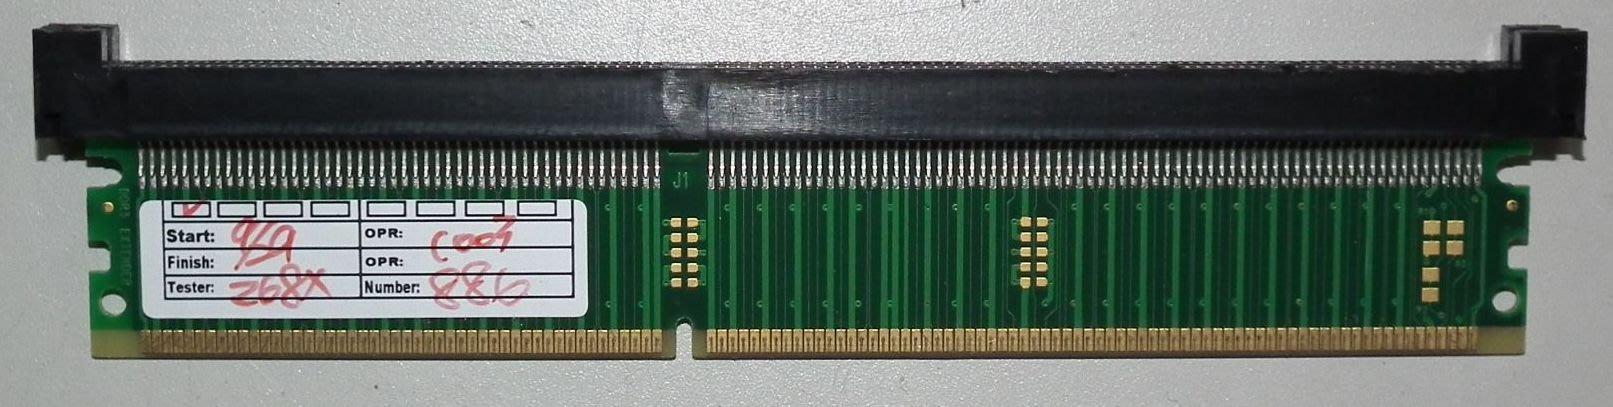 桌上型DDR3 240PIN記憶體轉接卡延伸測試治具ram dimm dram